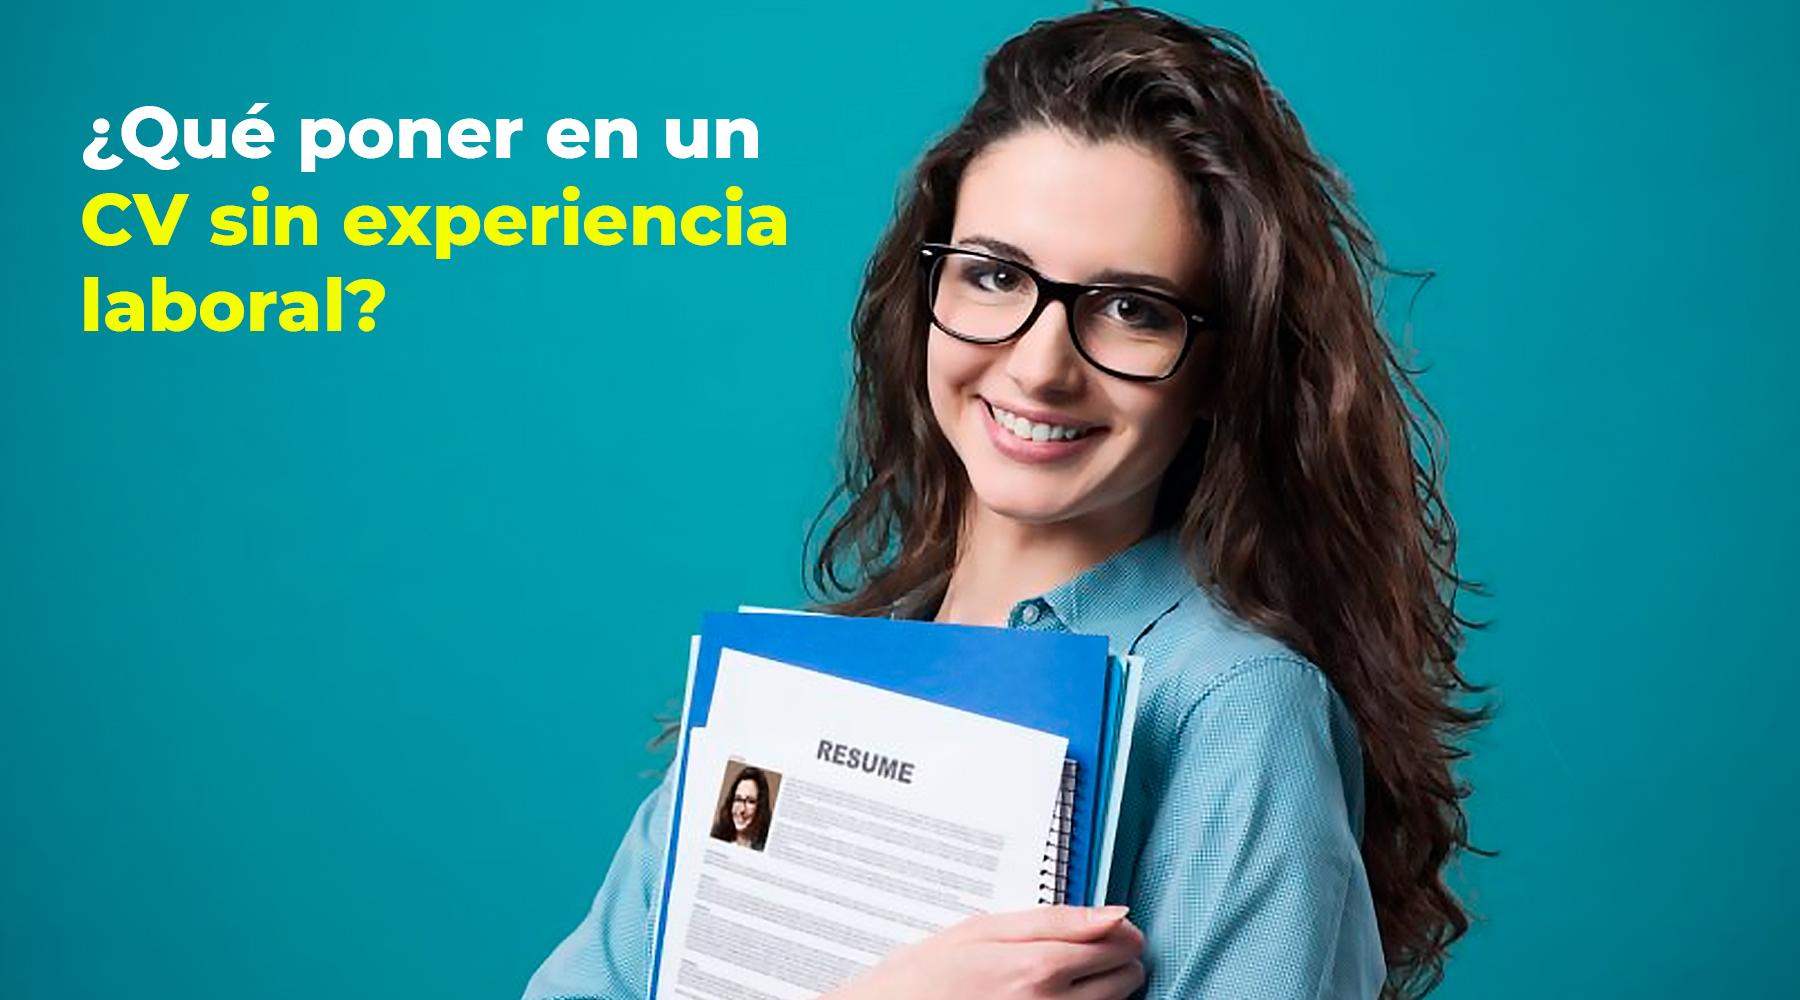 CV sin experiencia laboral